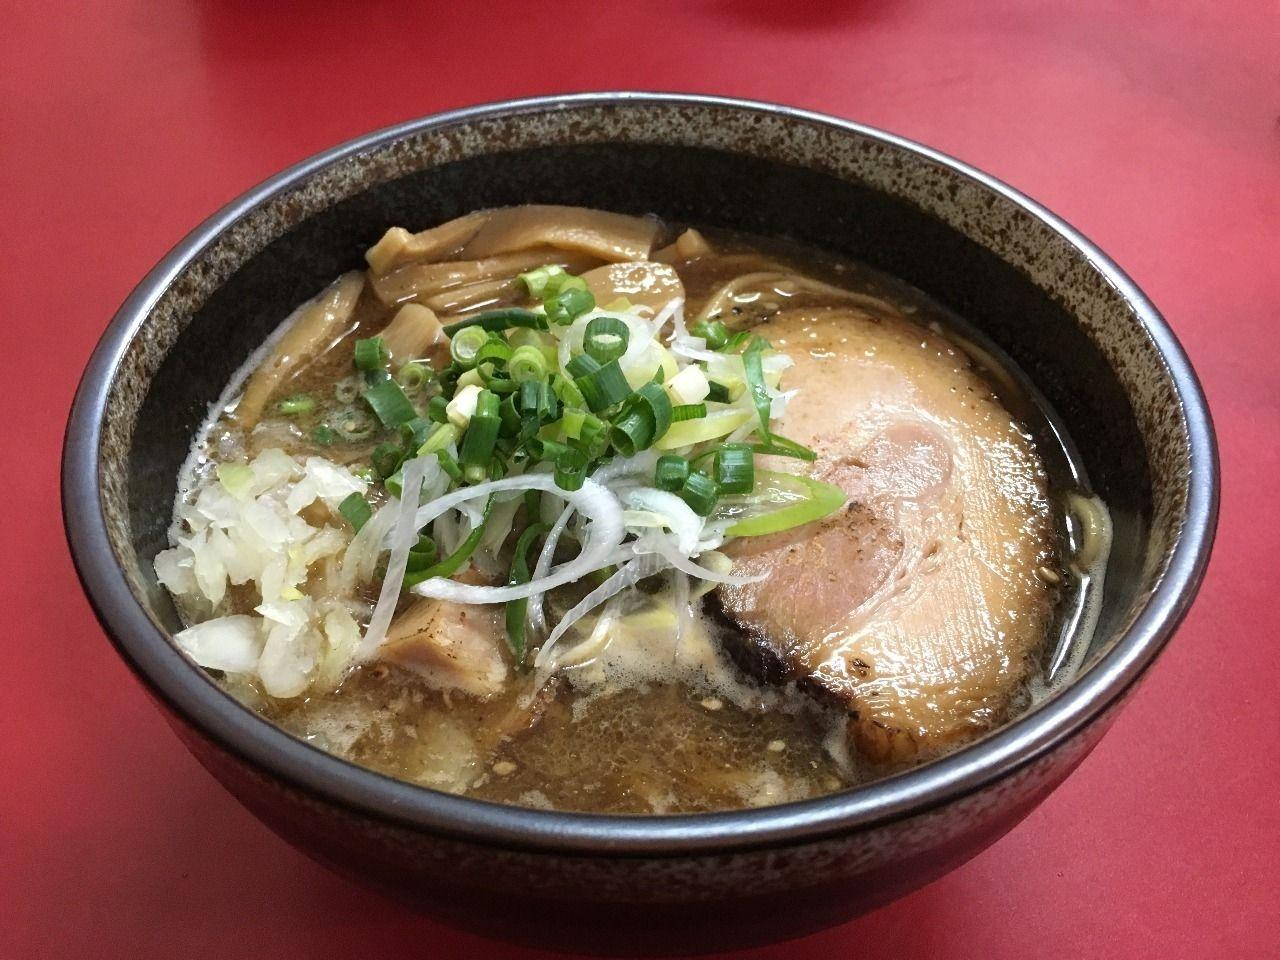 自家製麺 義匠 森田製麺所さんの魚介麺です!